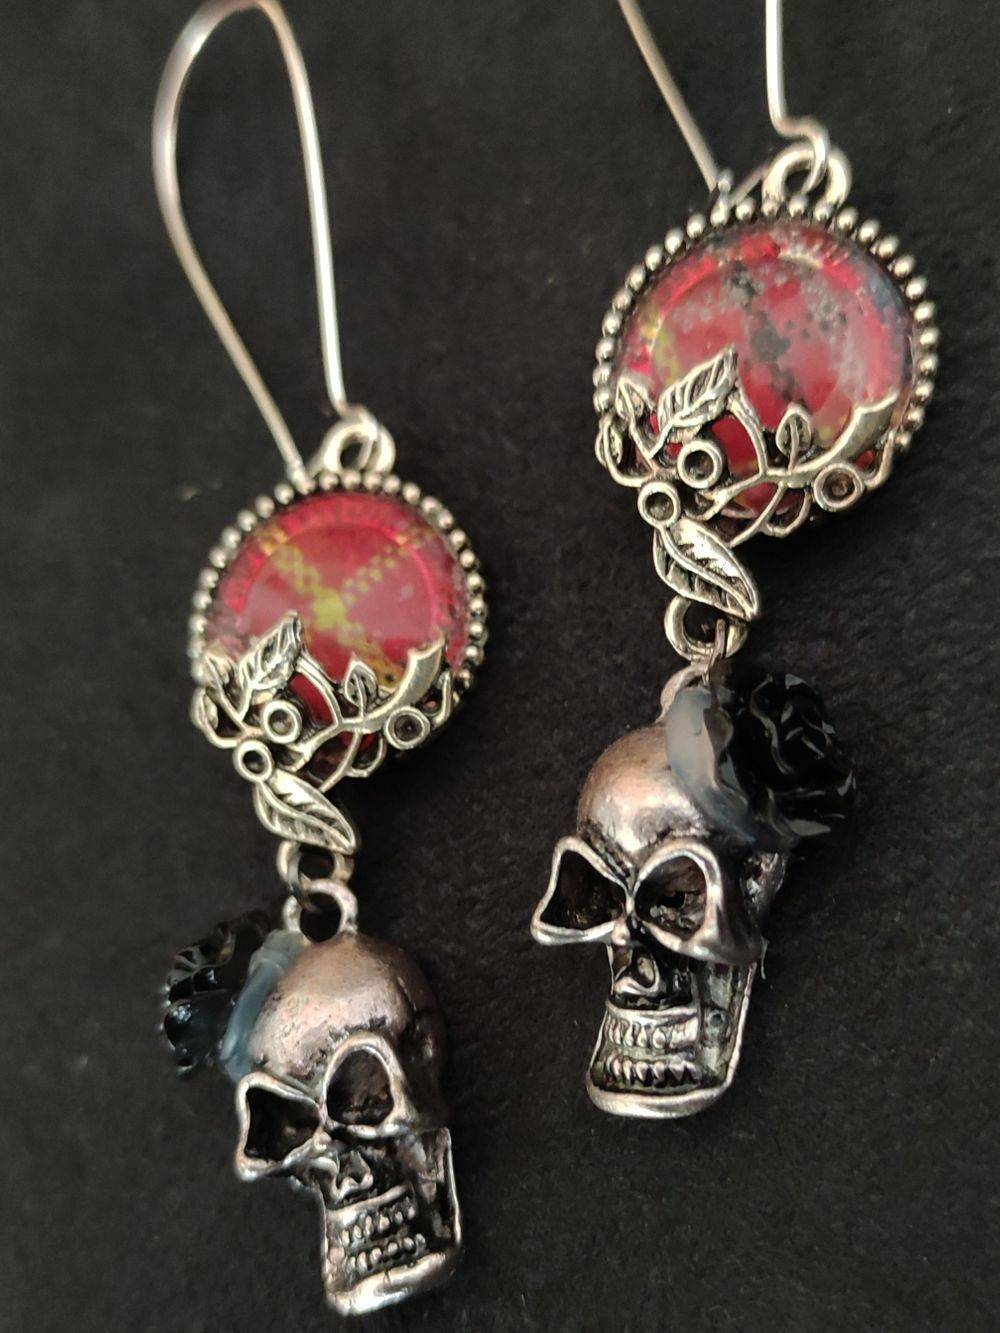 boucles d'oreilles tête de mort, boucles d'oreilles rock, , Bijoux rock, bijoux crâne, bijoux tête de mort, bijoux Biker, bijoux rockabilly, bijoux pinup, Skull, crâne, tête de mort, bijoux artisanaux, Rock'n'Babe, rocknbabe, rocknbabeshop